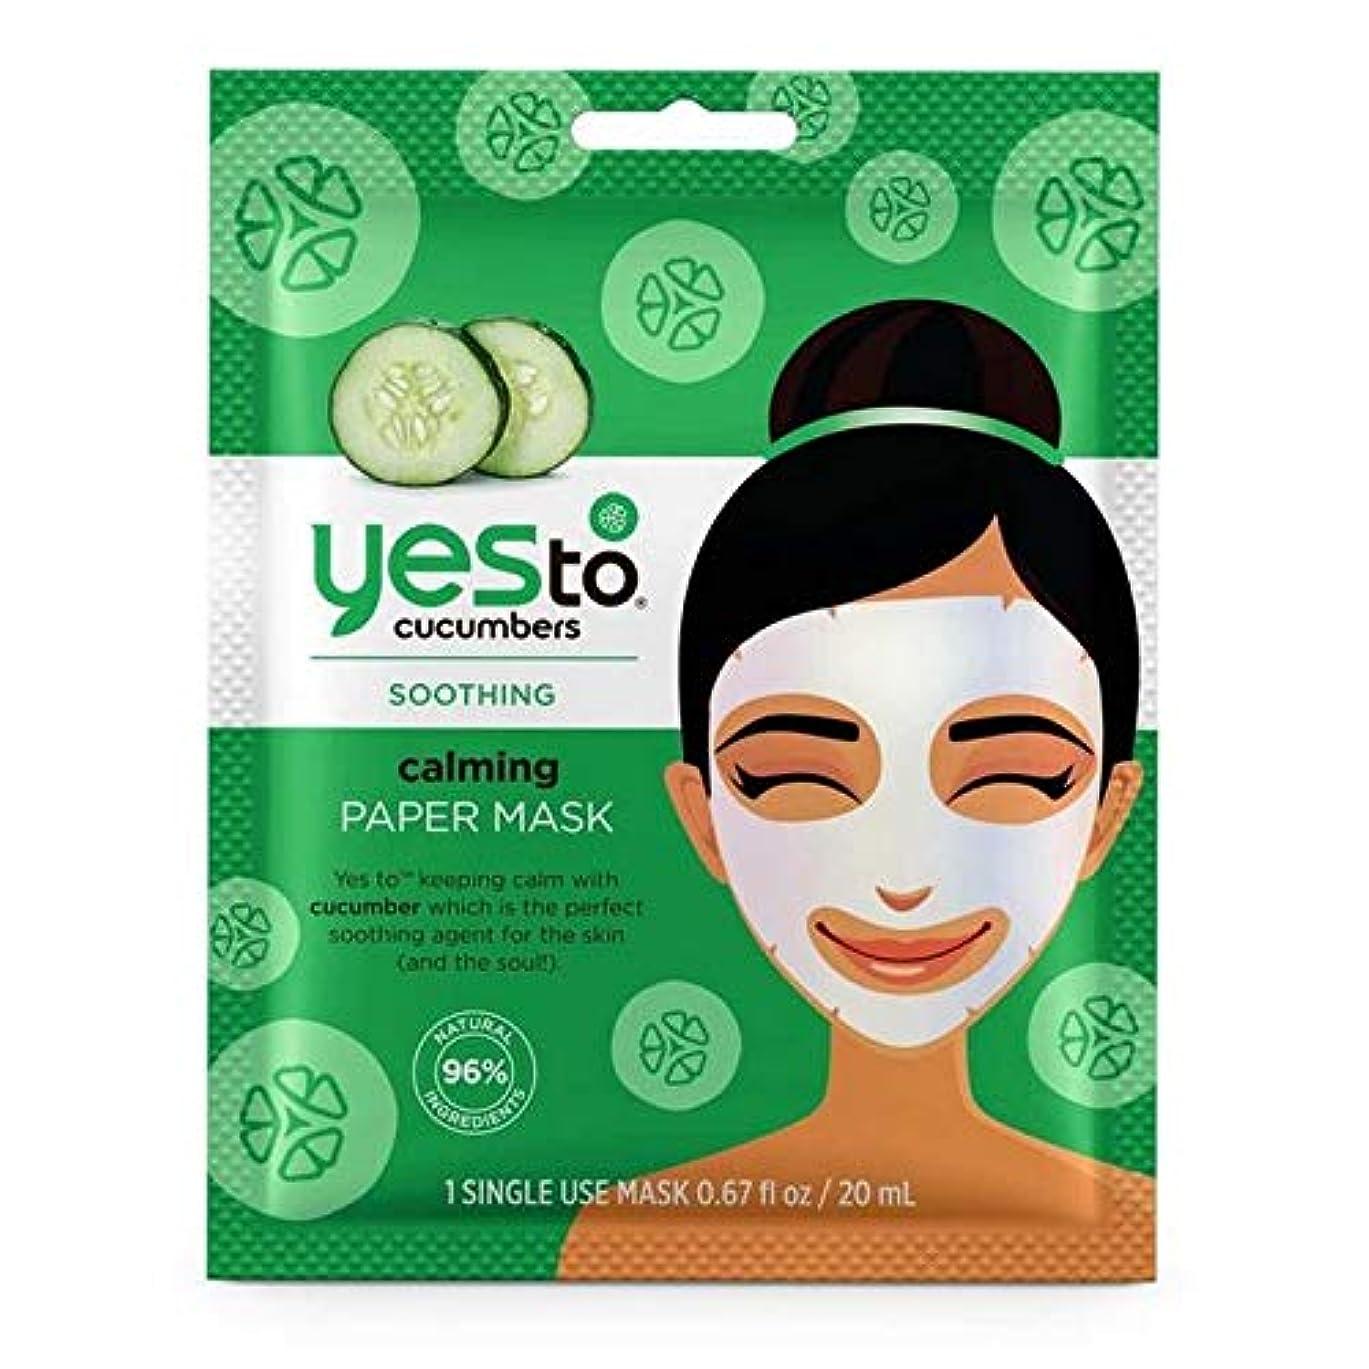 知覚合理的真実に[YES TO!] はいキュウリに心を落ち着かせるシートフェイスマスク20Mlの20ミリリットル - Yes To Cucumbers Calming Sheet Face Mask 20ml 20ml [並行輸入品]